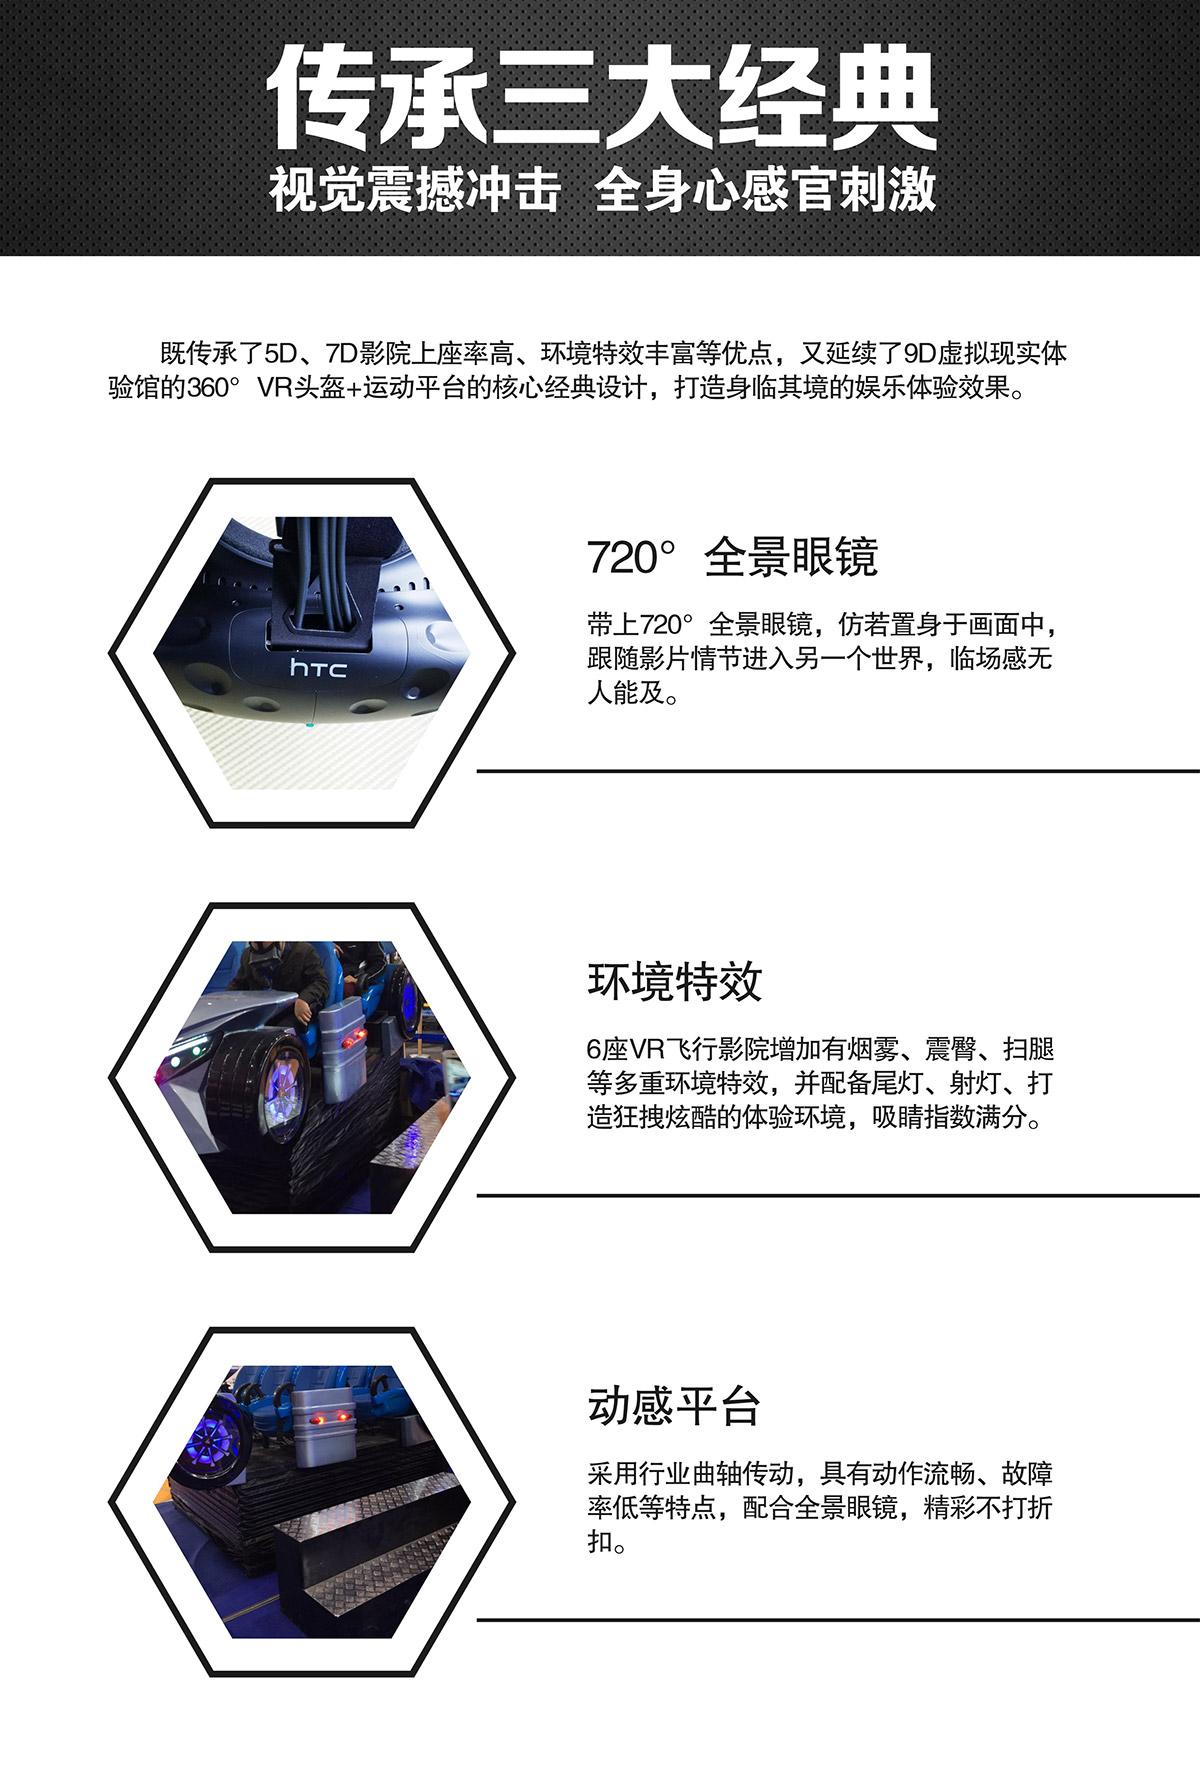 安全体验VR虚拟飞行体验馆视觉震撼冲击.jpg